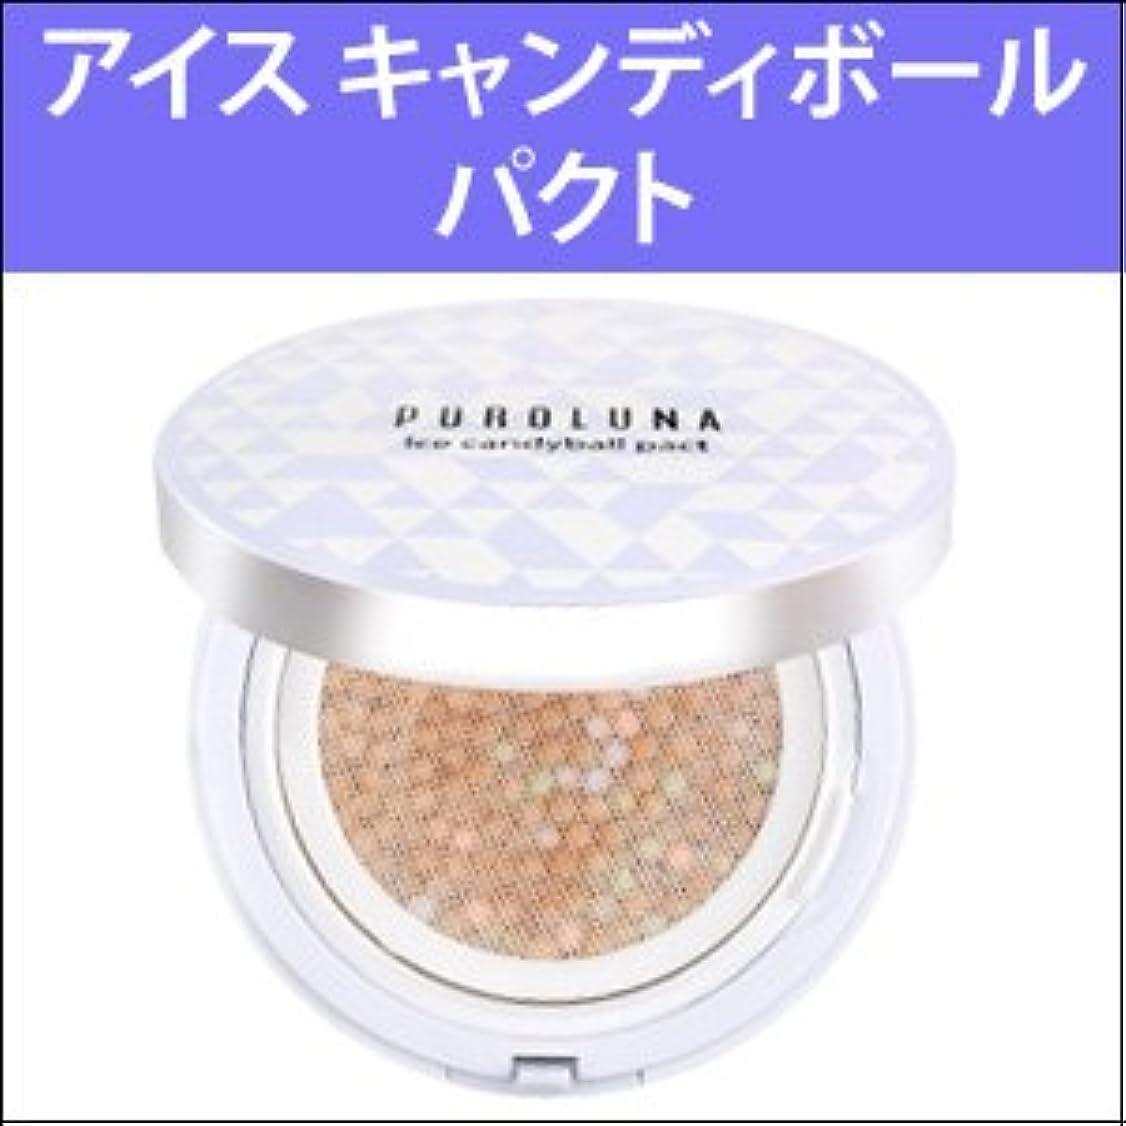 ペンス地平線割れ目『PUROLUNA?プロルナ』 アイス キャンディボール パクト(SPF50+/PA+++) カラー:1号 バニラ